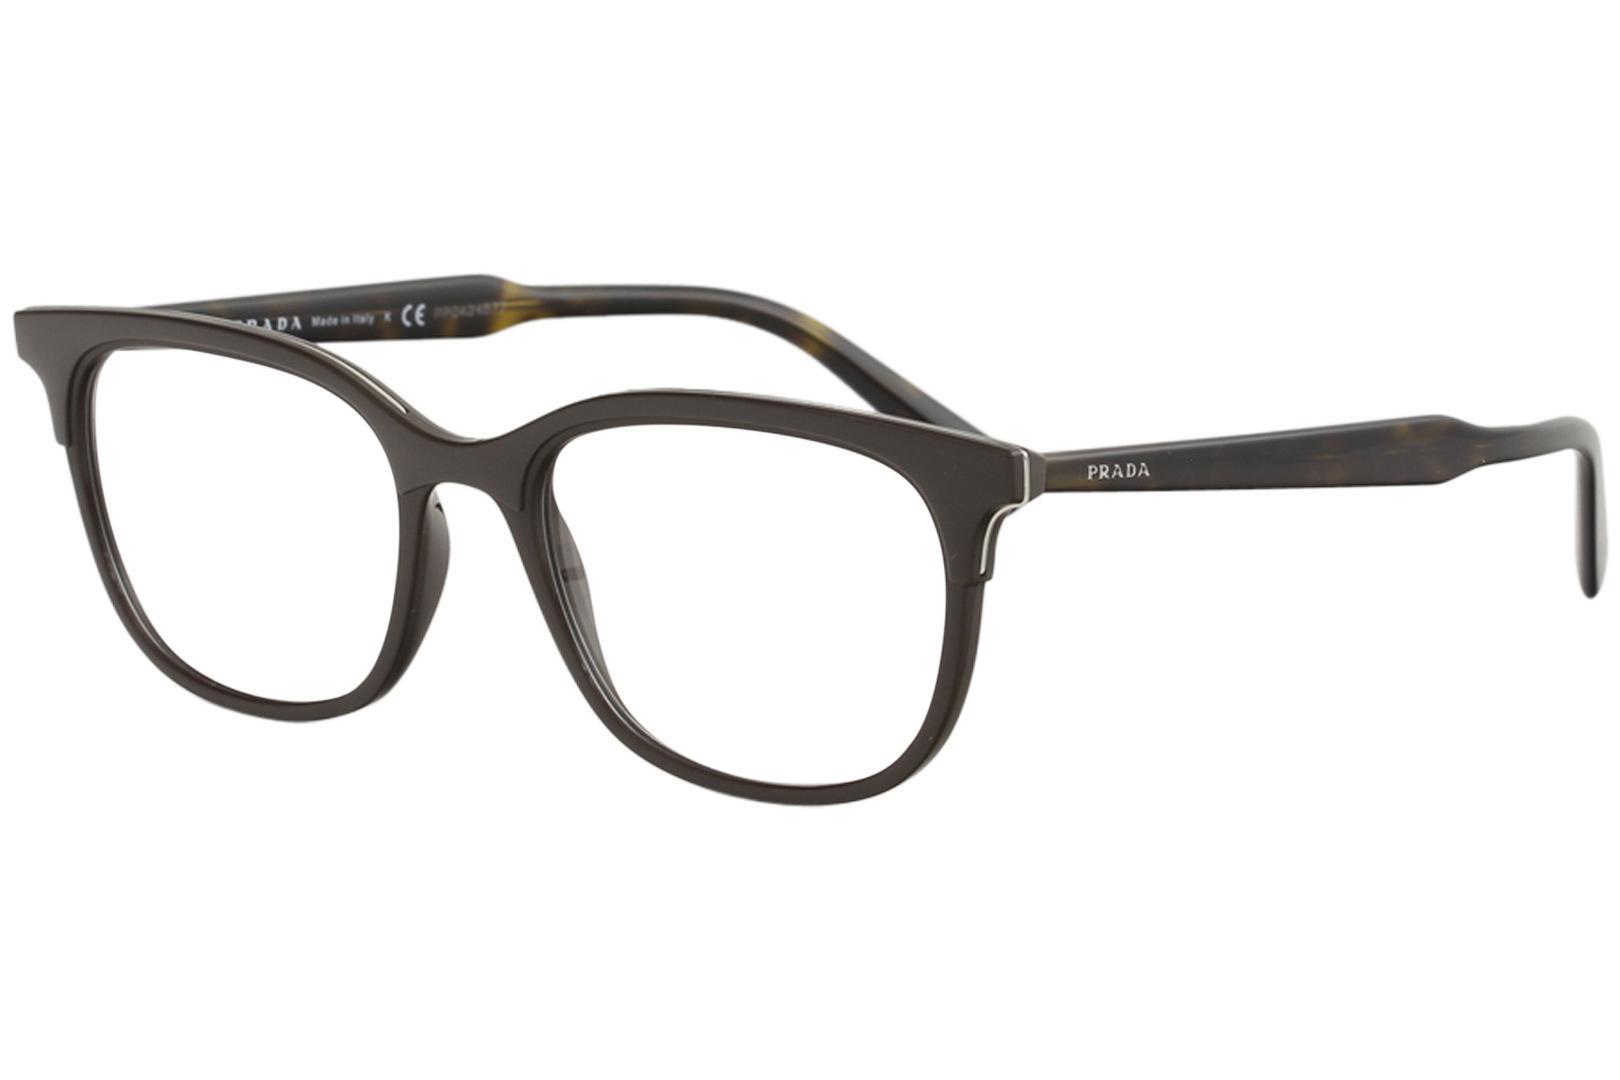 Prada Men\'s Eyeglasses VPR05V VPR/05/V Full Rim Optical Frame